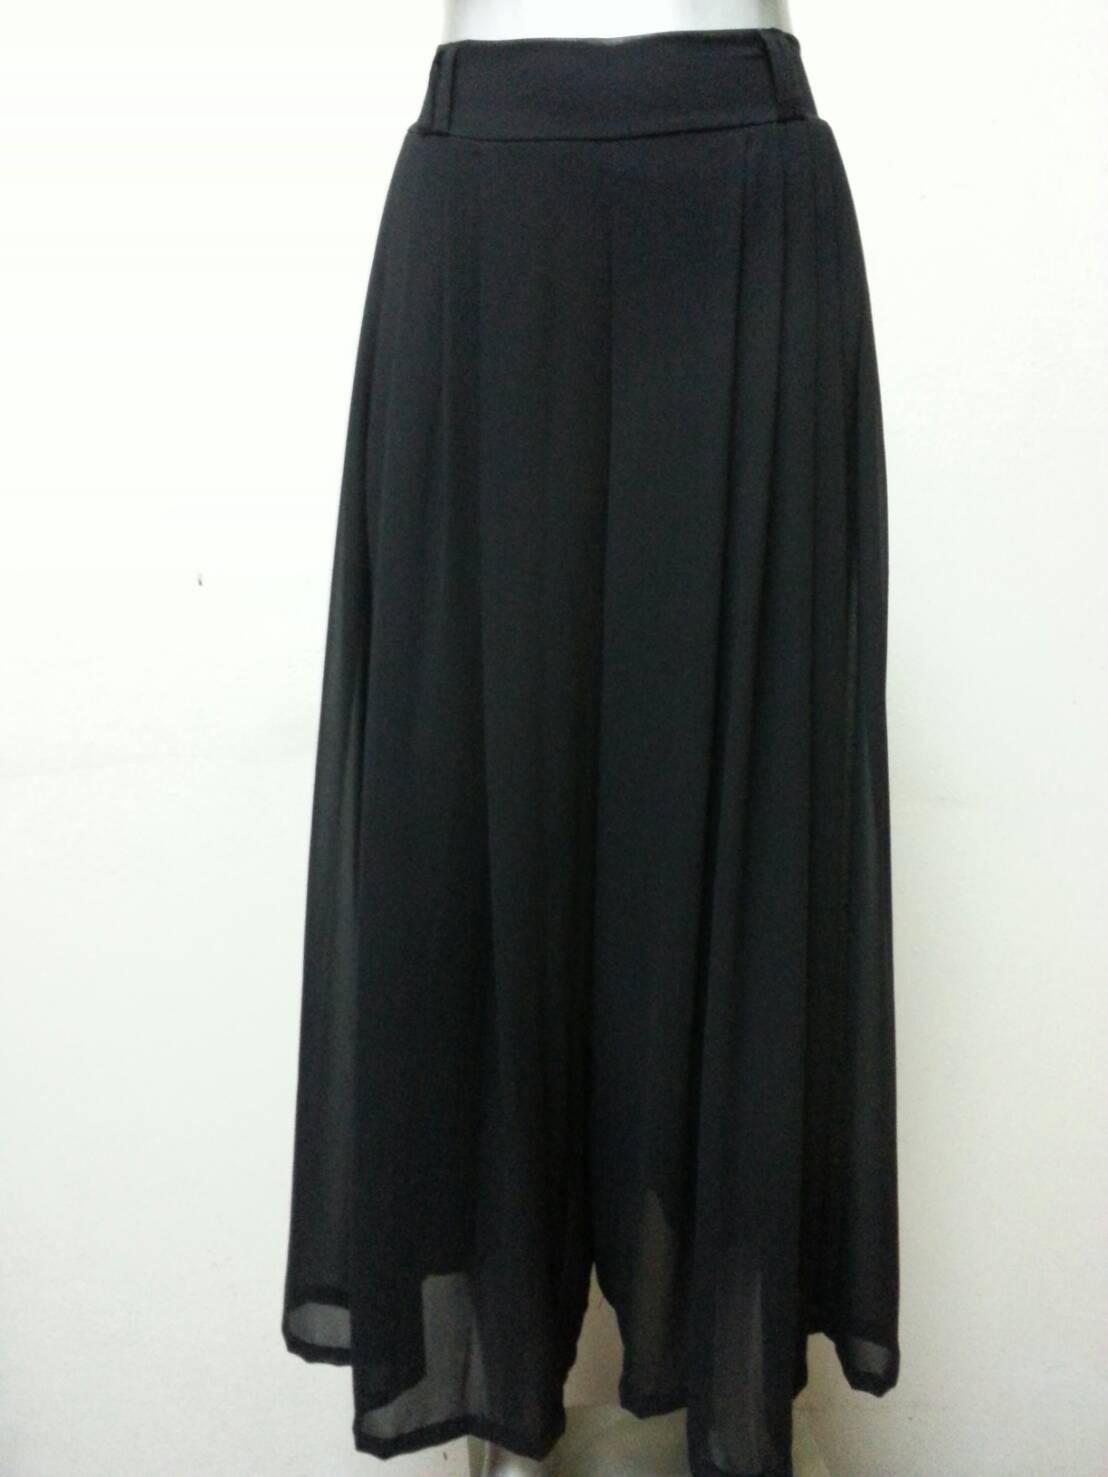 กางเกงผ้าชีฟองขายาว สีดำ